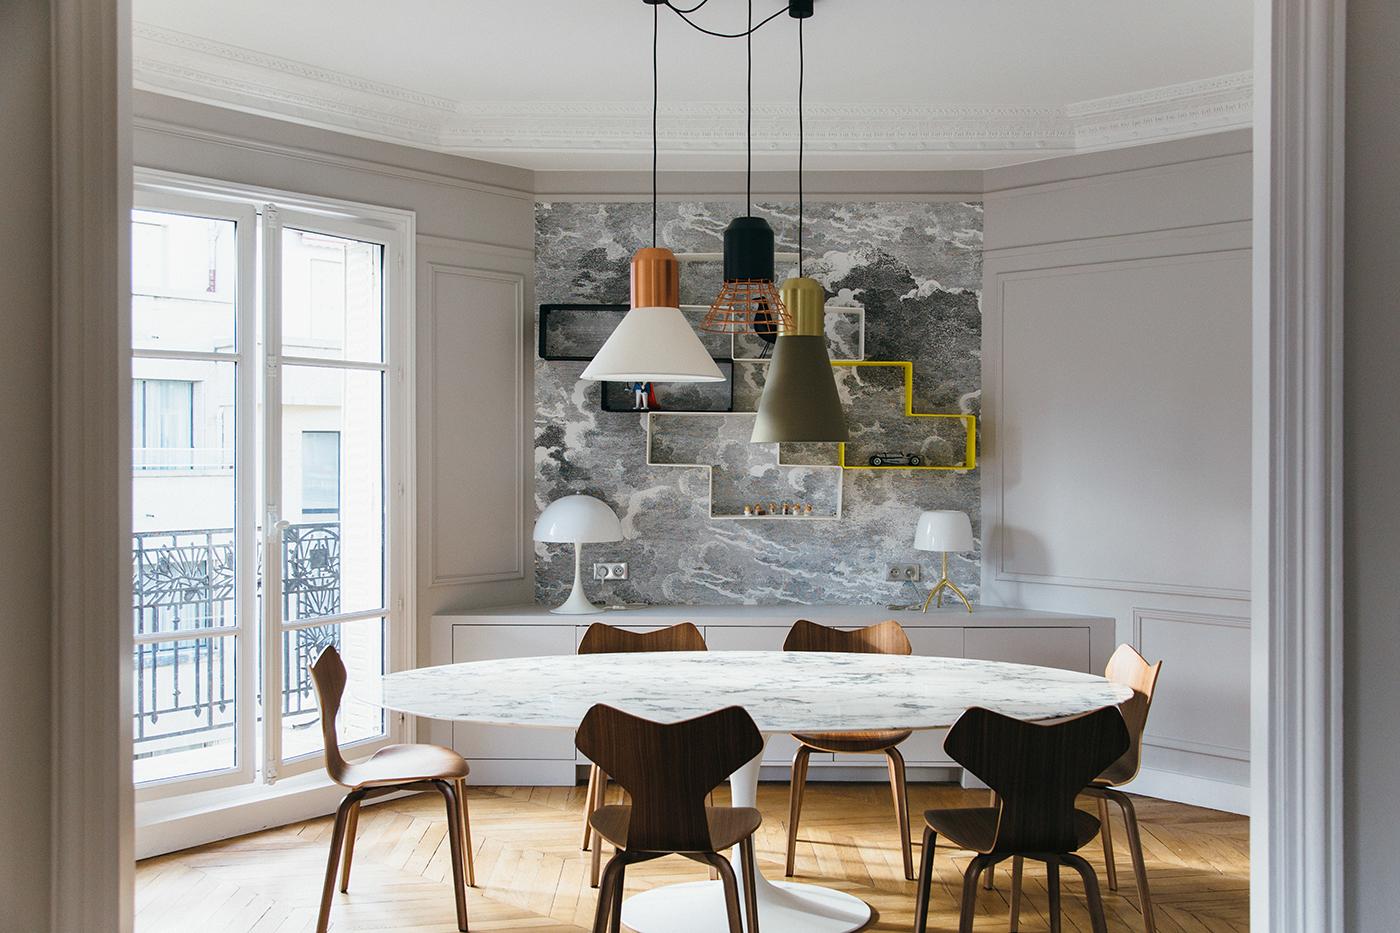 Reinventare un appartamento classico a parigi for Interni appartamenti parigini